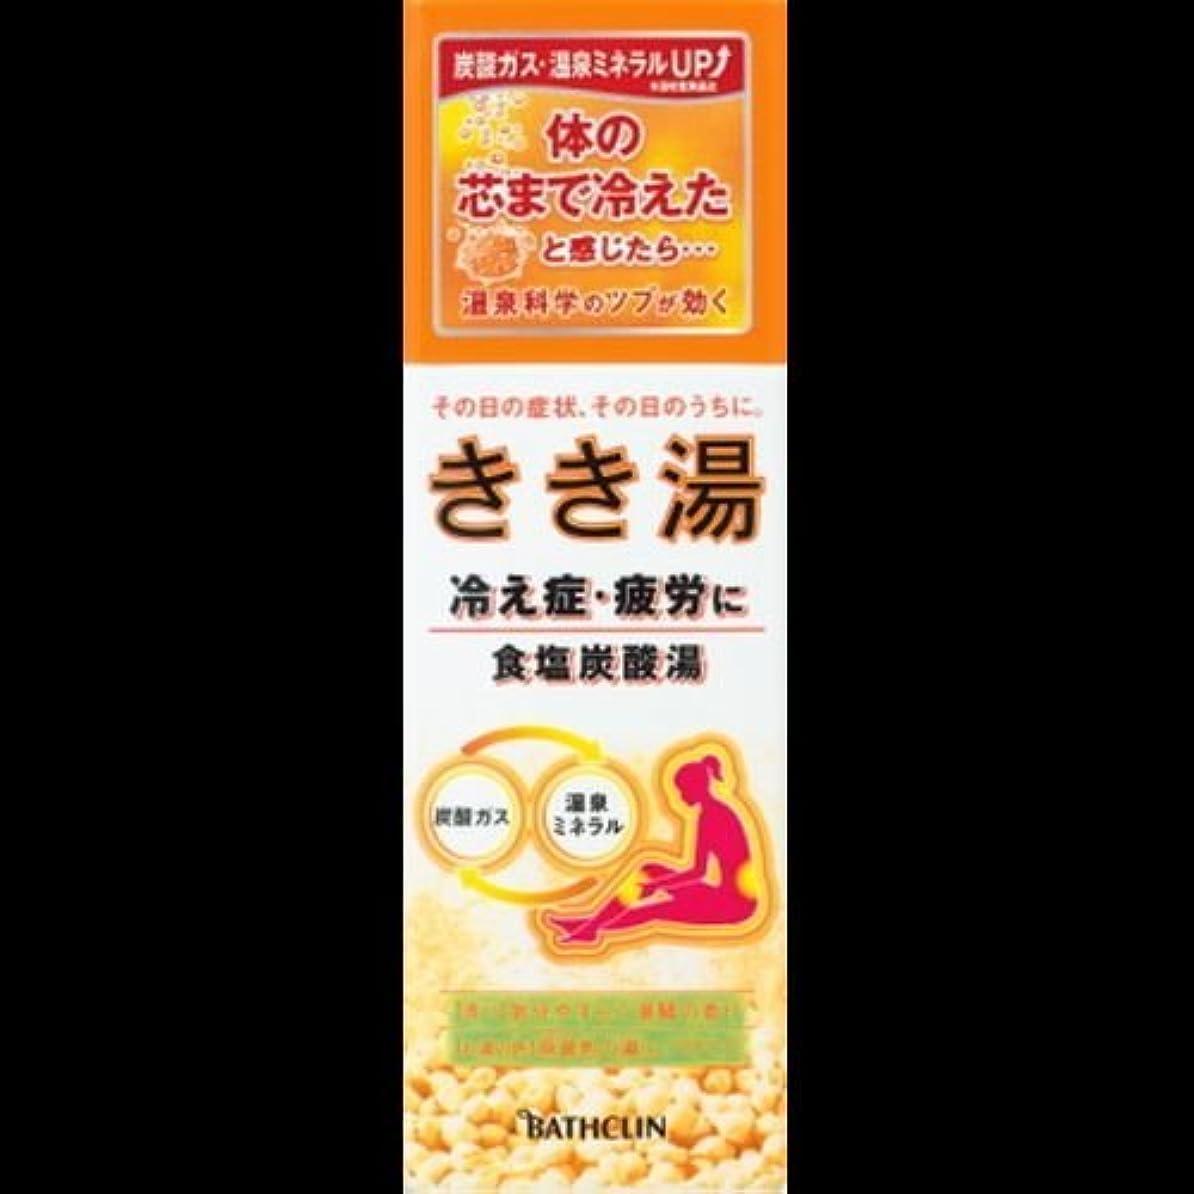 従順な必要としている差別【まとめ買い】きき湯 食塩炭酸湯 気分やすらぐ潮騒の香り萌黄色の湯(にごりタイプ) 360g ×2セット